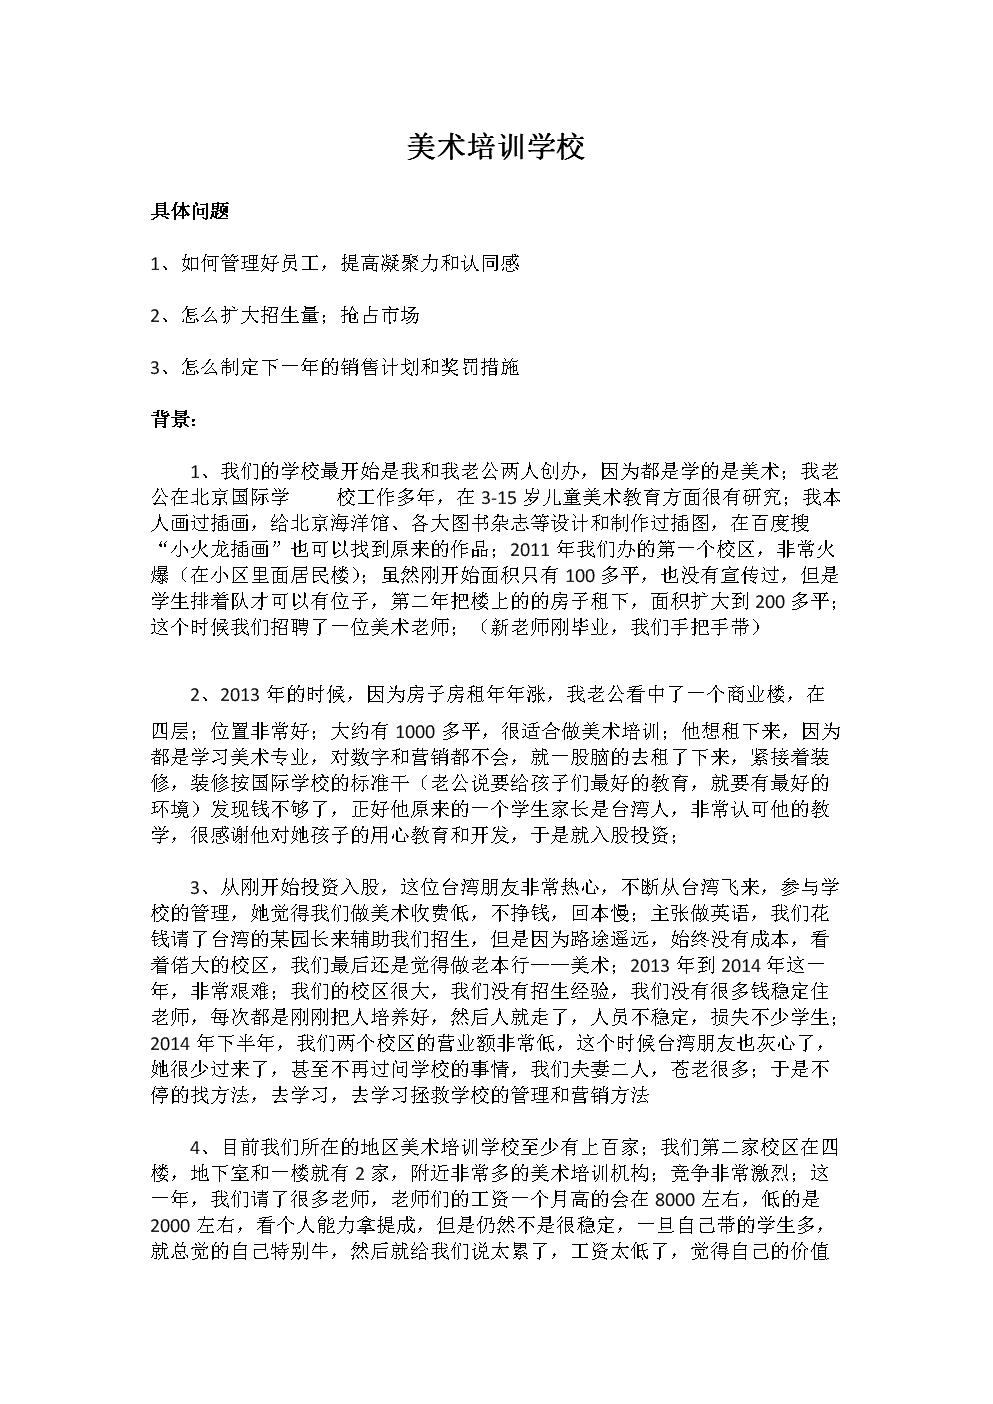 美术学校案例 如何开展工作?精品文档.docx